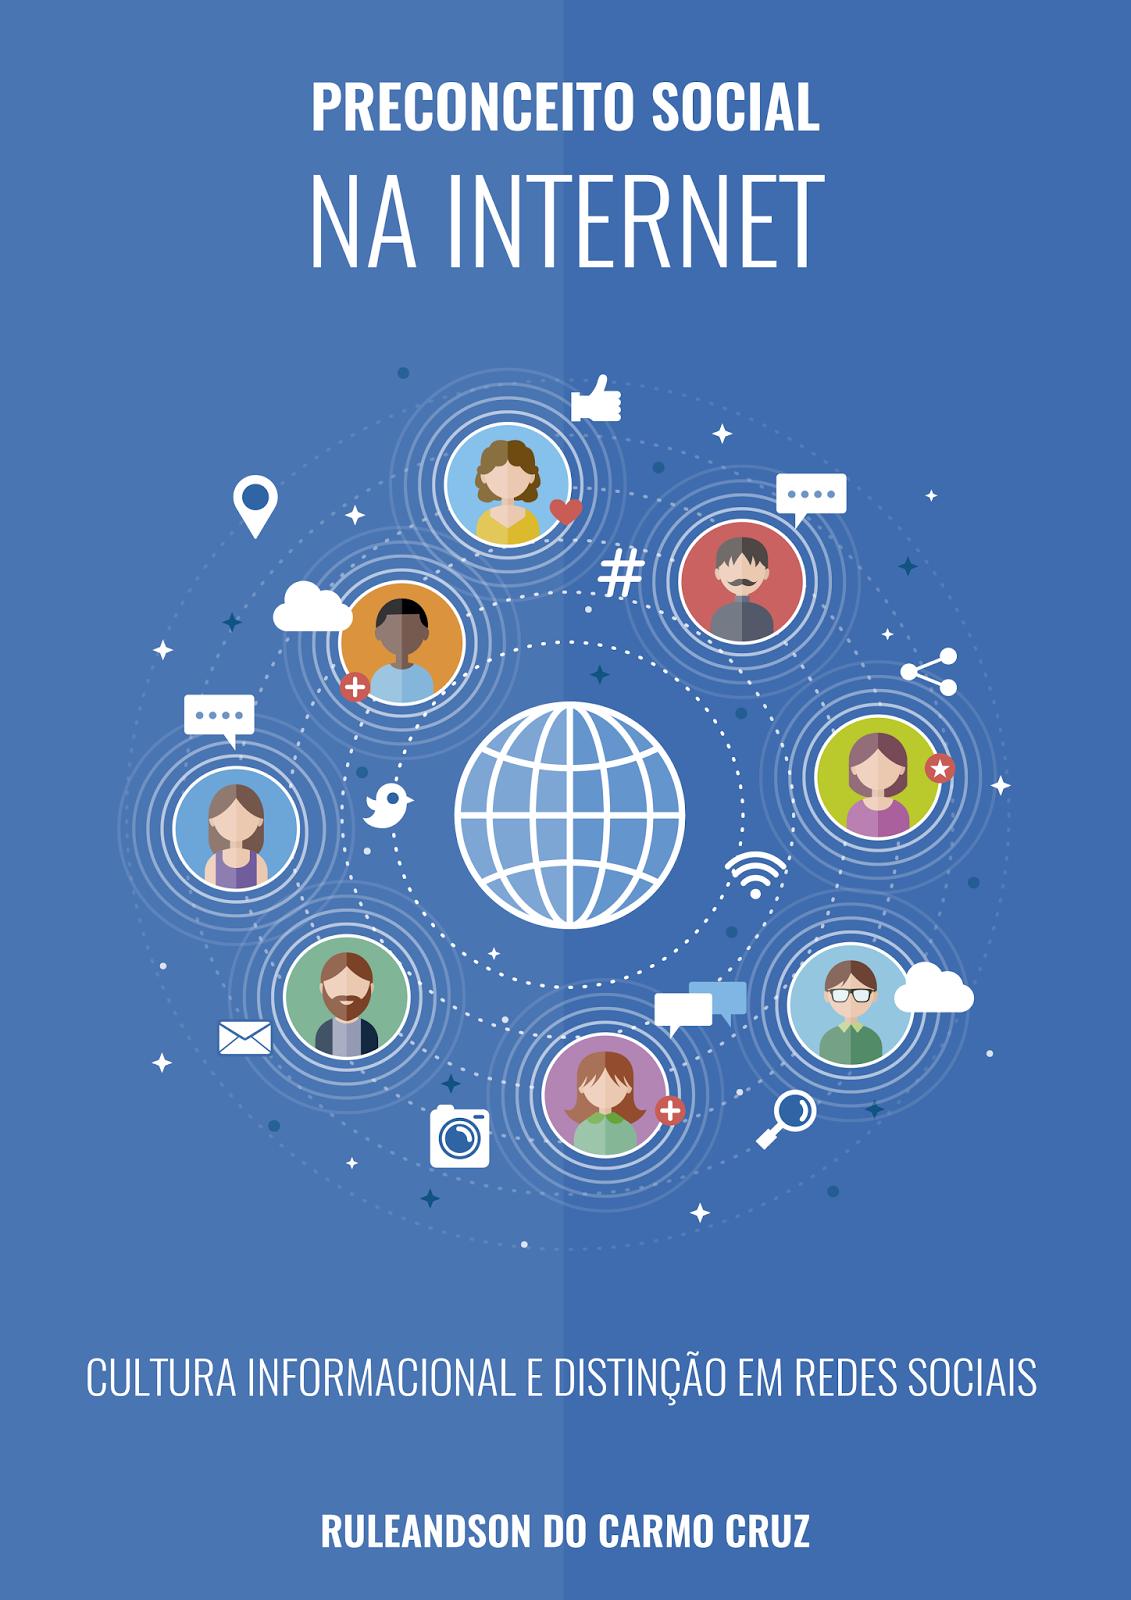 preconceito-social-na-internet-cultura-informacional-e-distincao-em-redes-sociais